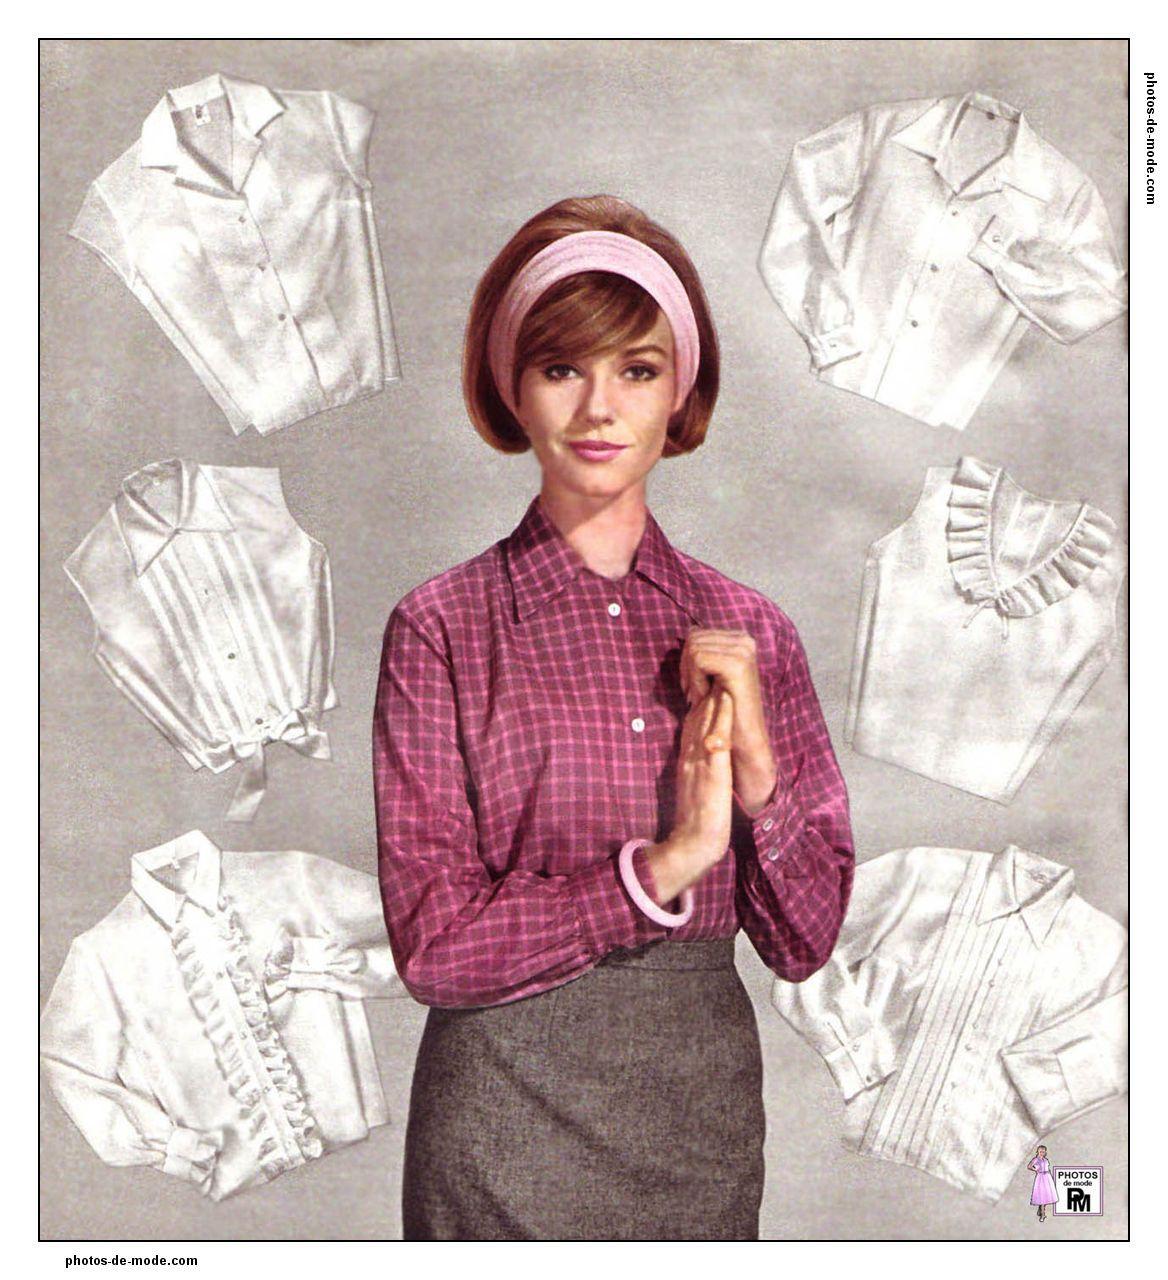 Photos de mode rétro des années 1950 1960 et 1970. Femmes et stars des  fifties 63a4c249a1a8